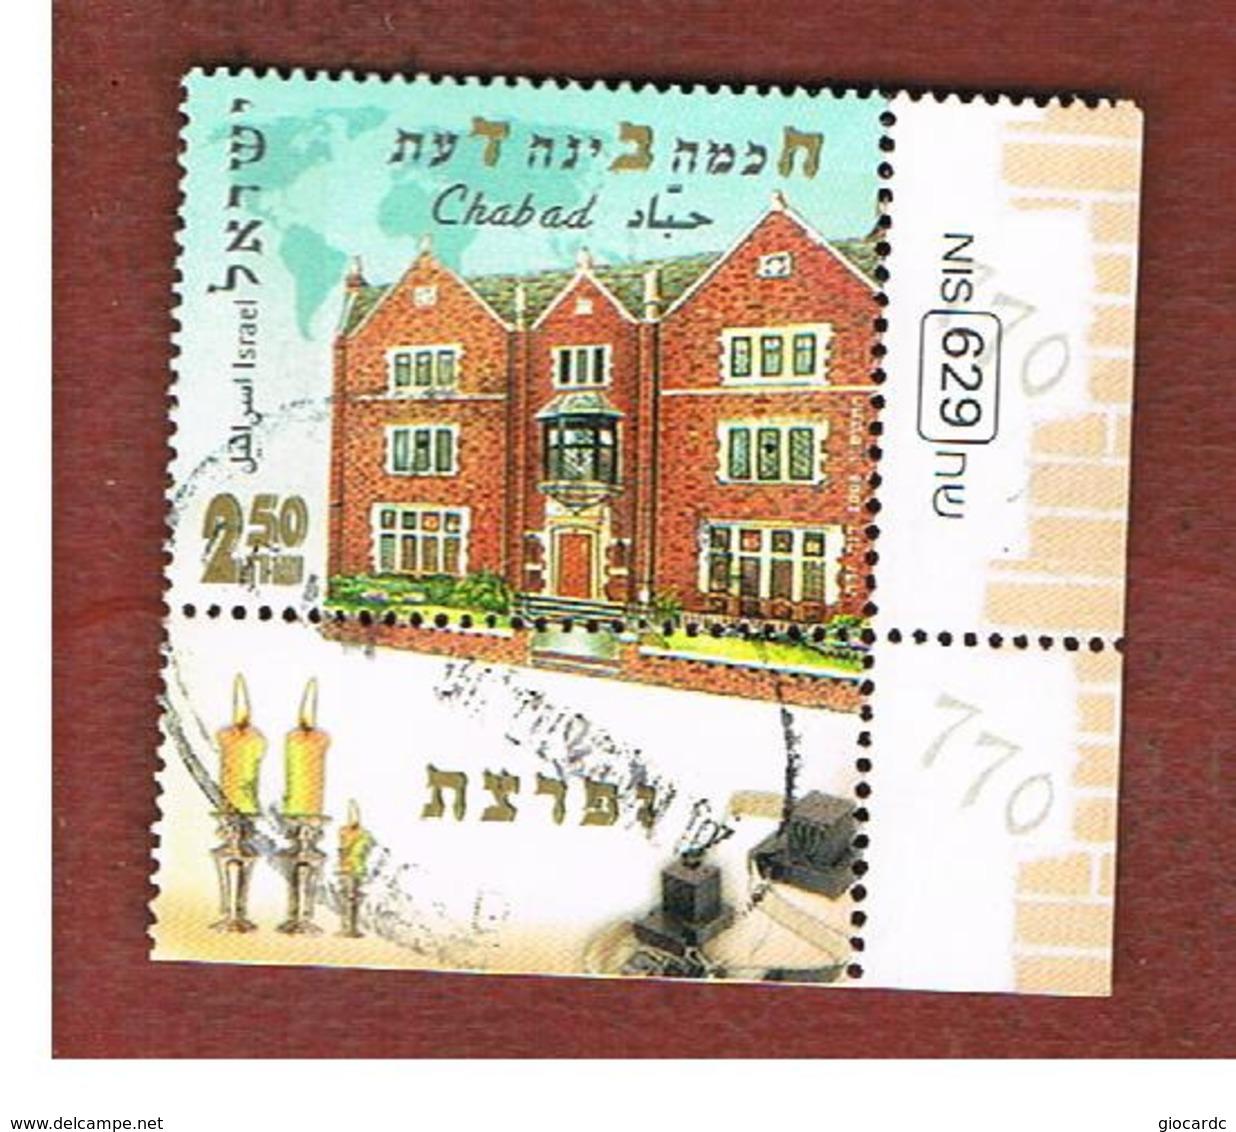 ISRAELE (ISRAEL)  - SG 1853 - 2006 CHABAD, BROOKLIN   (WITH LABEL)  - USED ° - Israel